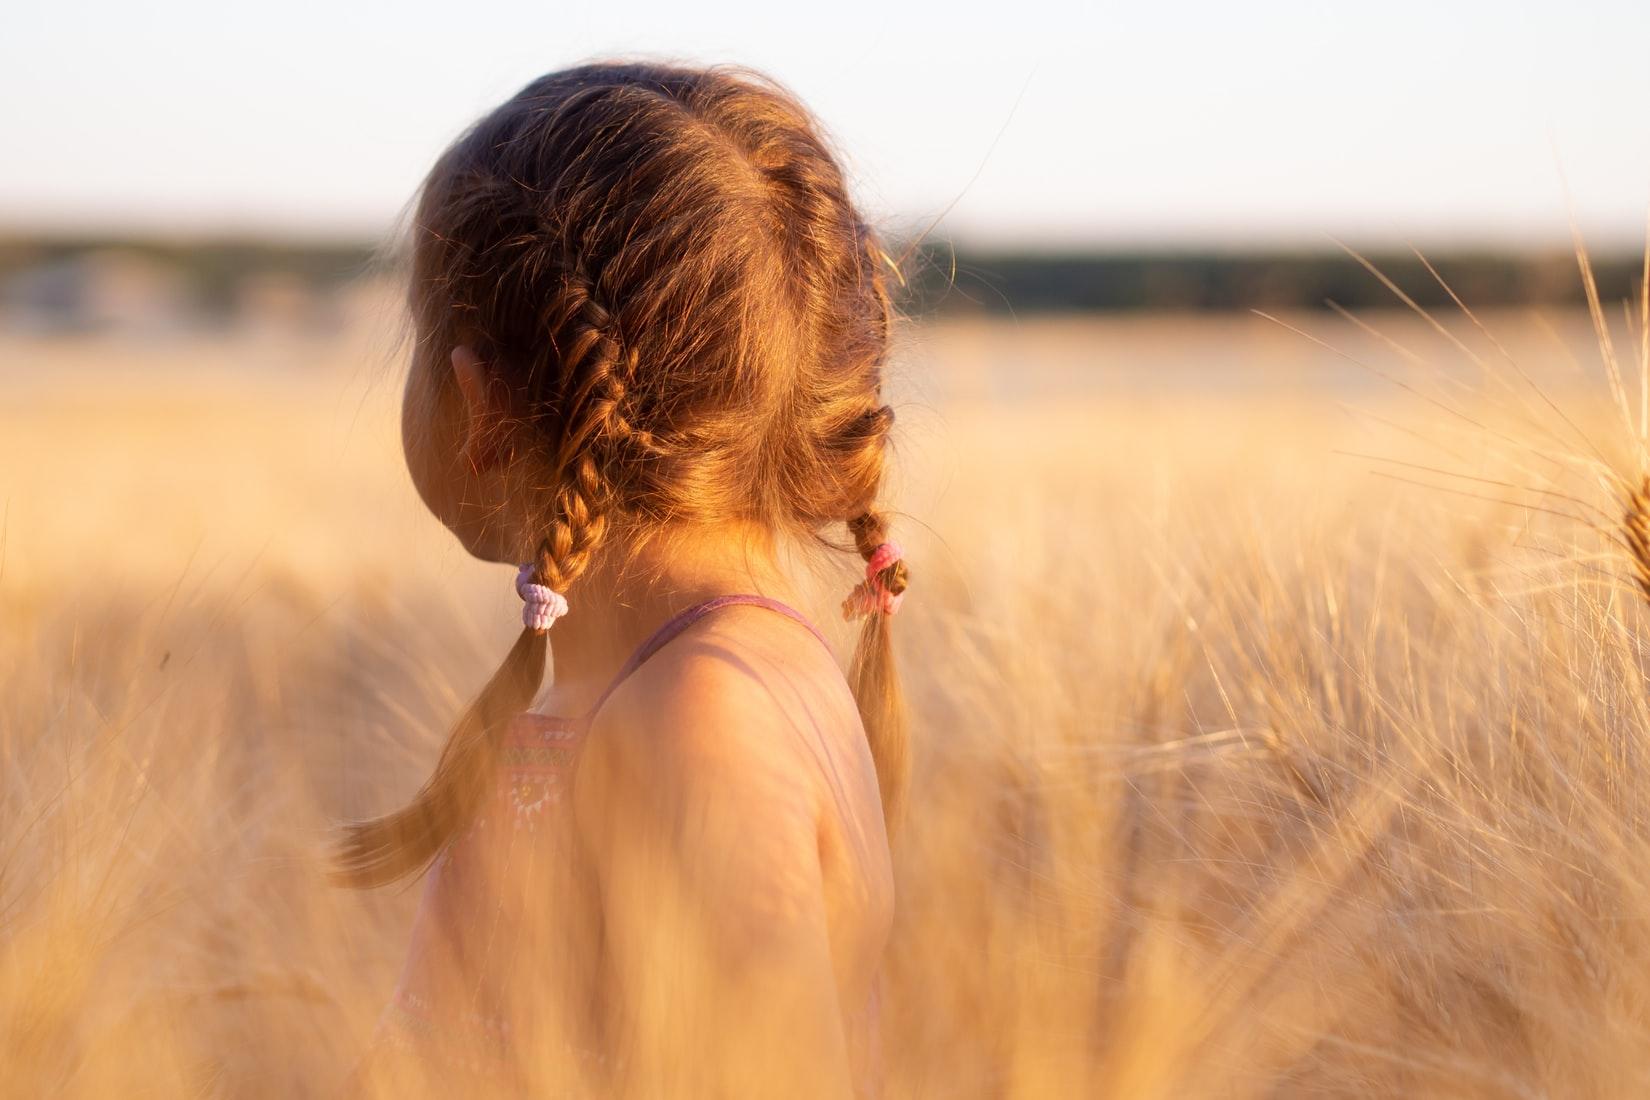 小麦畑で背を向ける女児